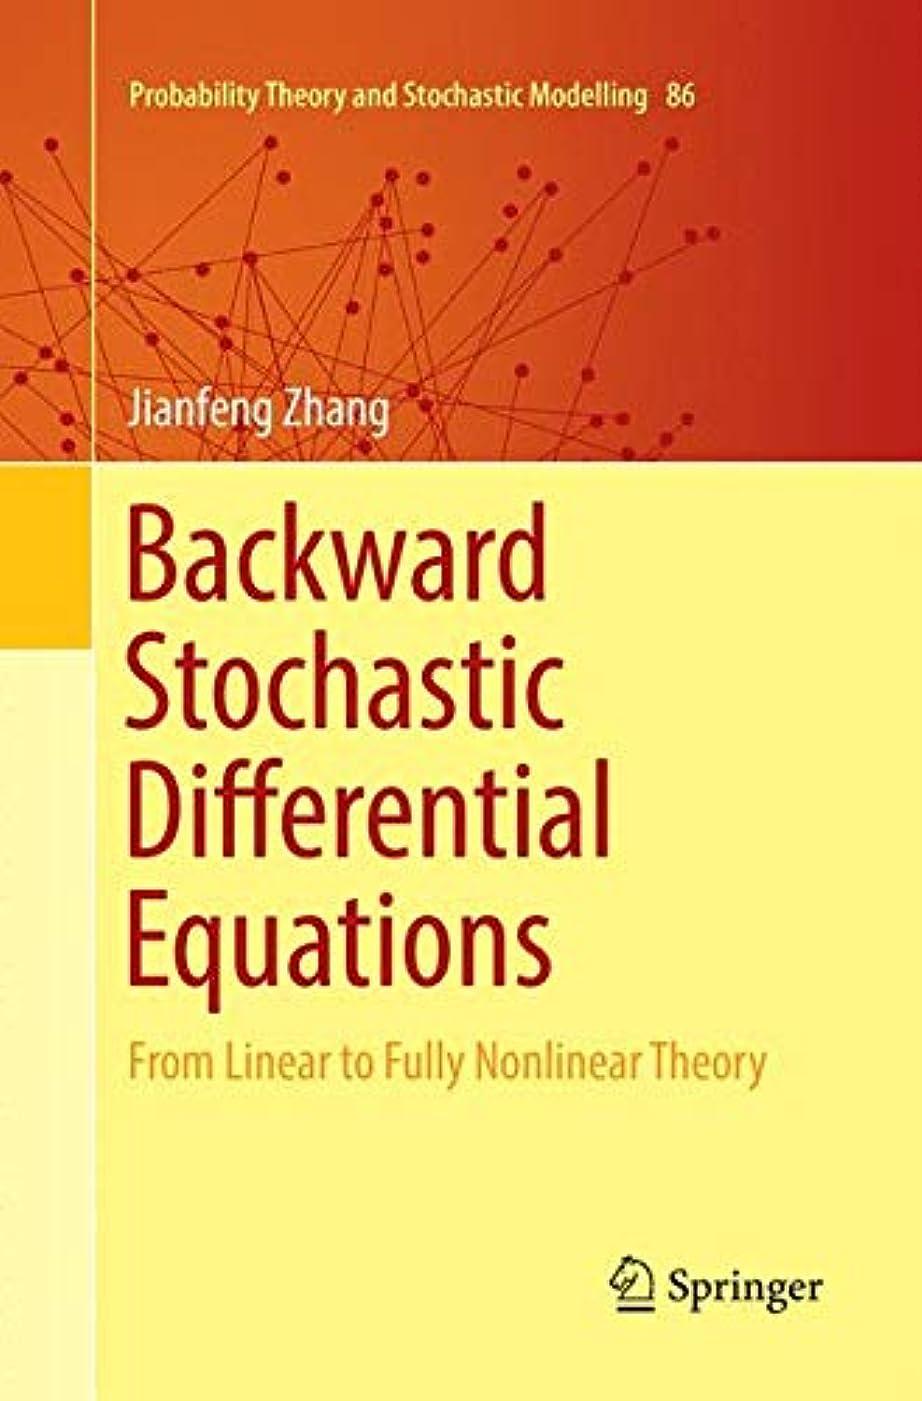 柔らかい足一致水分Backward Stochastic Differential Equations: From Linear to Fully Nonlinear Theory (Probability Theory and Stochastic Modelling)